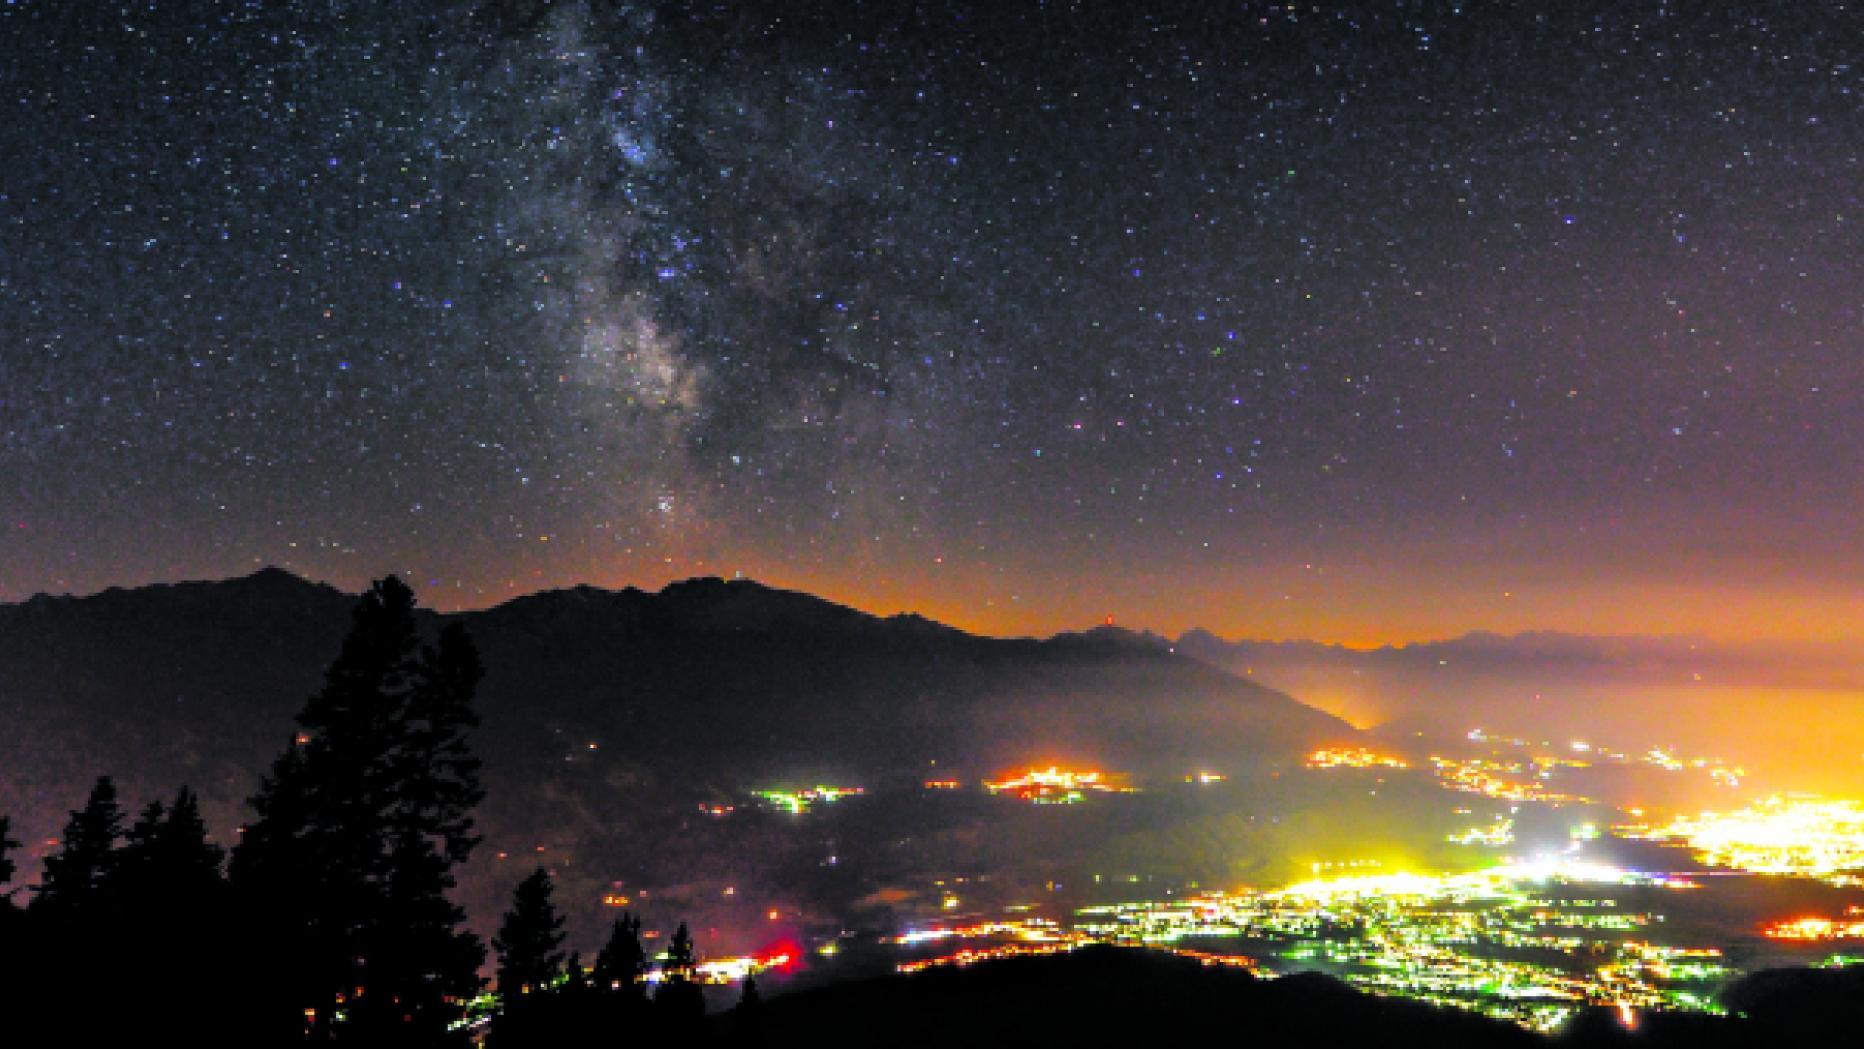 Lichtverschmutzung Karte Welt.Letzte Gucklocher Zum Sternenhimmel Kurier At